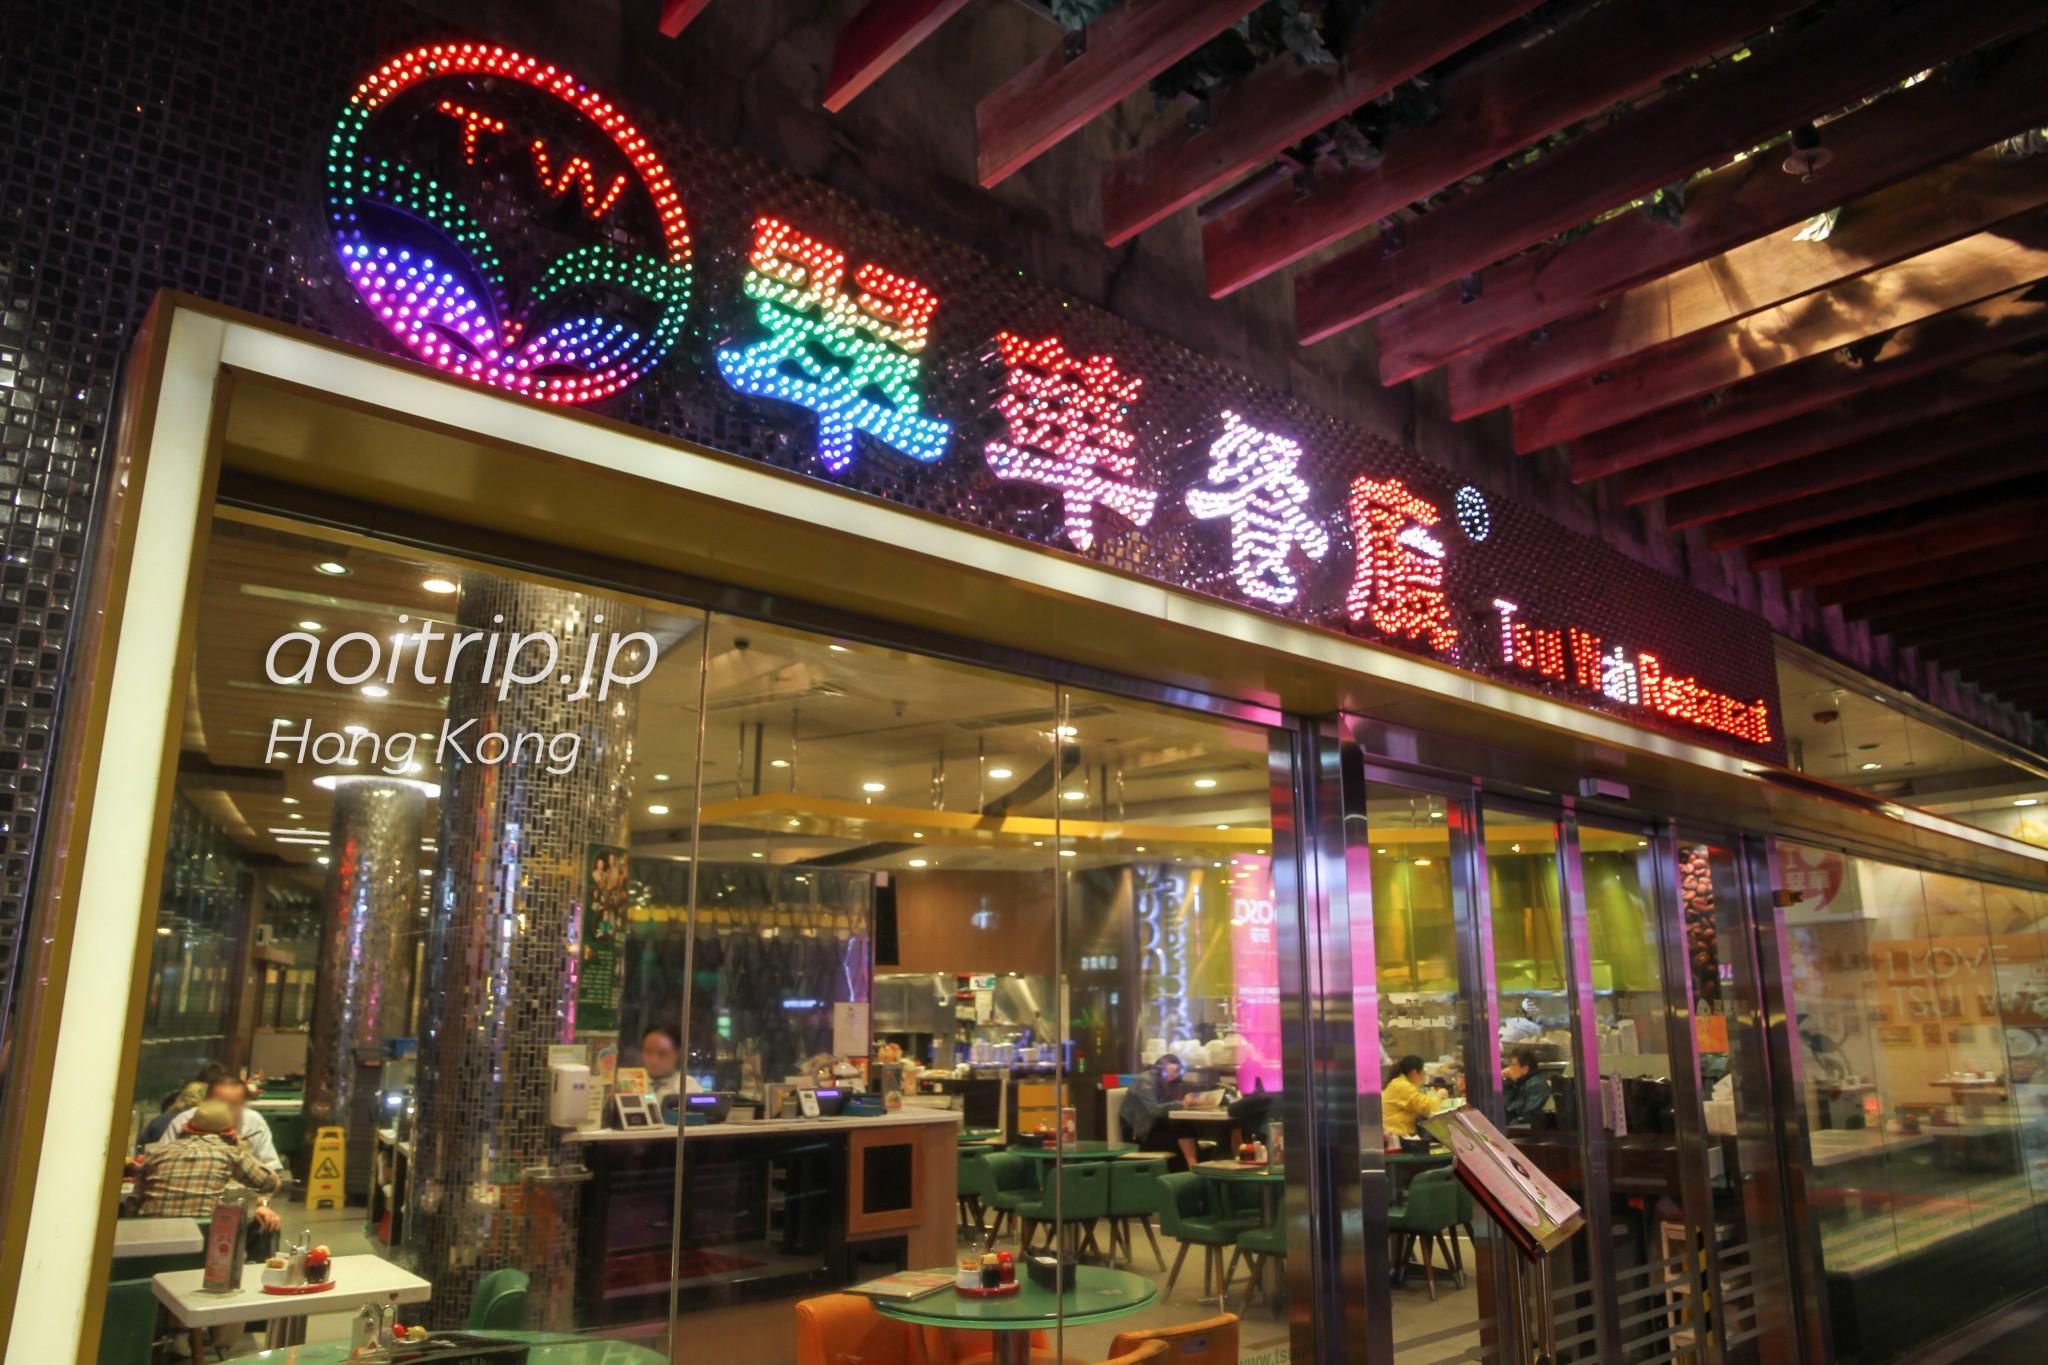 翠華餐廳 チョイワーチャンテン